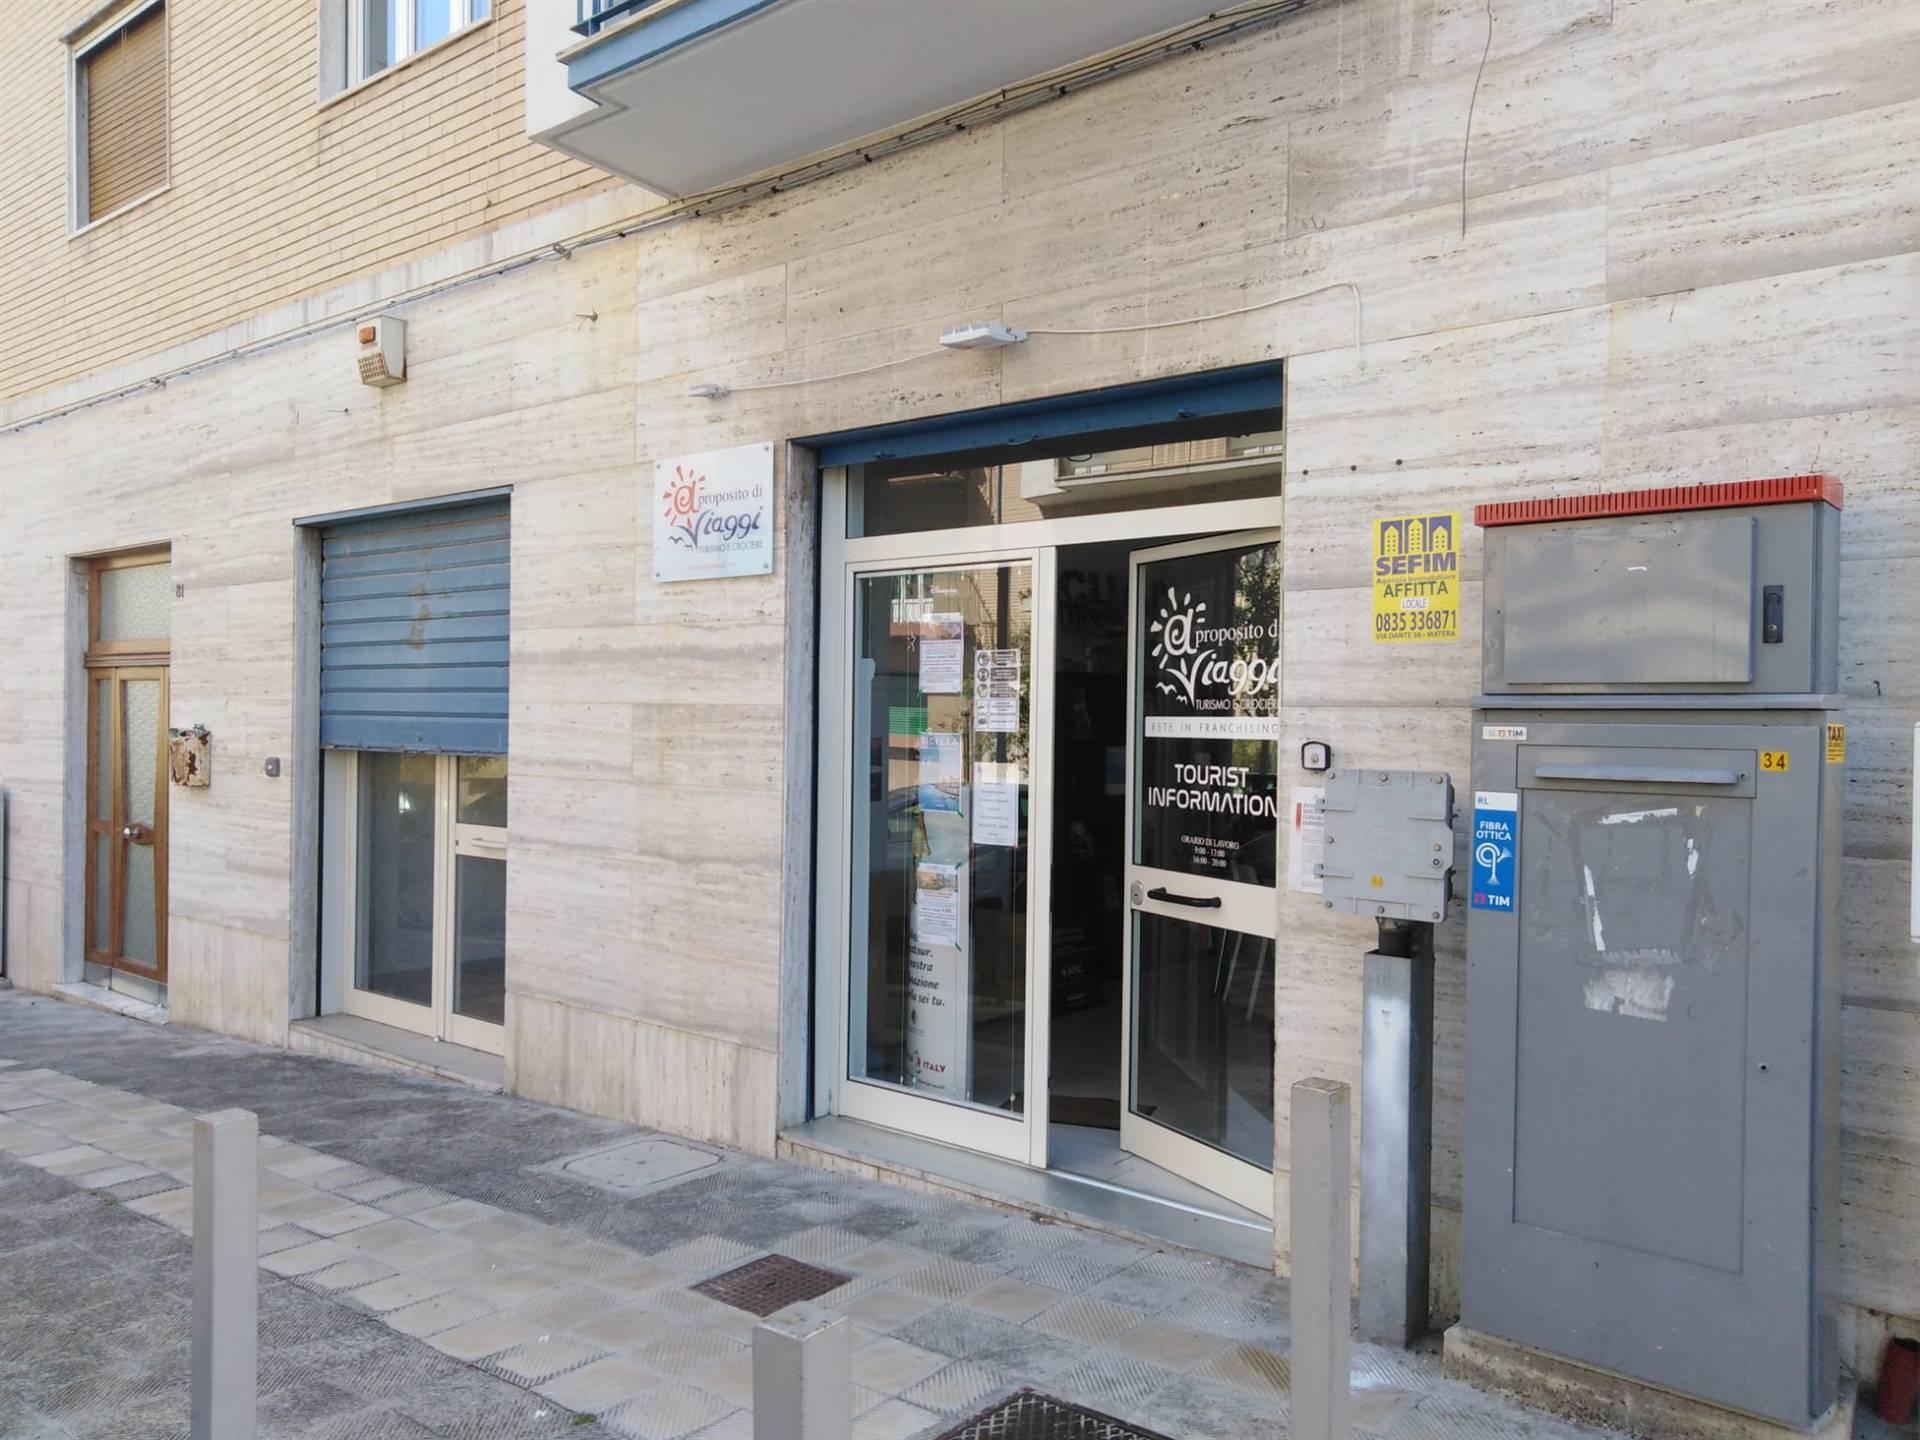 Ufficio / Studio in affitto a Matera, 2 locali, zona Zona: Semicentro Sud, prezzo € 400 | CambioCasa.it